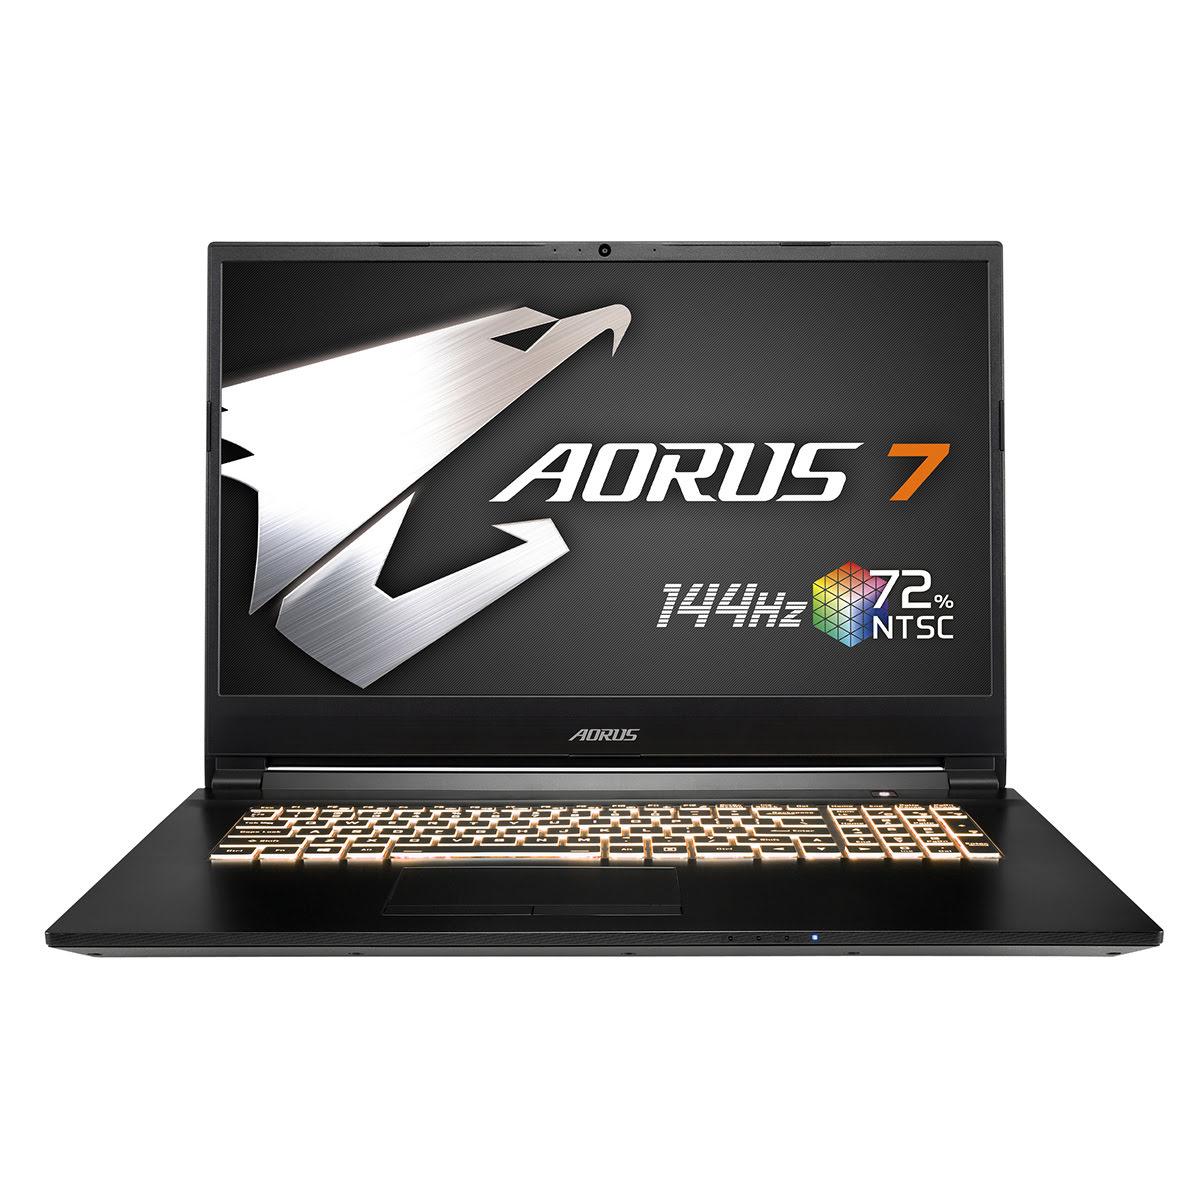 Gigabyte AORUS 7 SA-7FR1130SH - PC portable Gigabyte - Cybertek.fr - 3